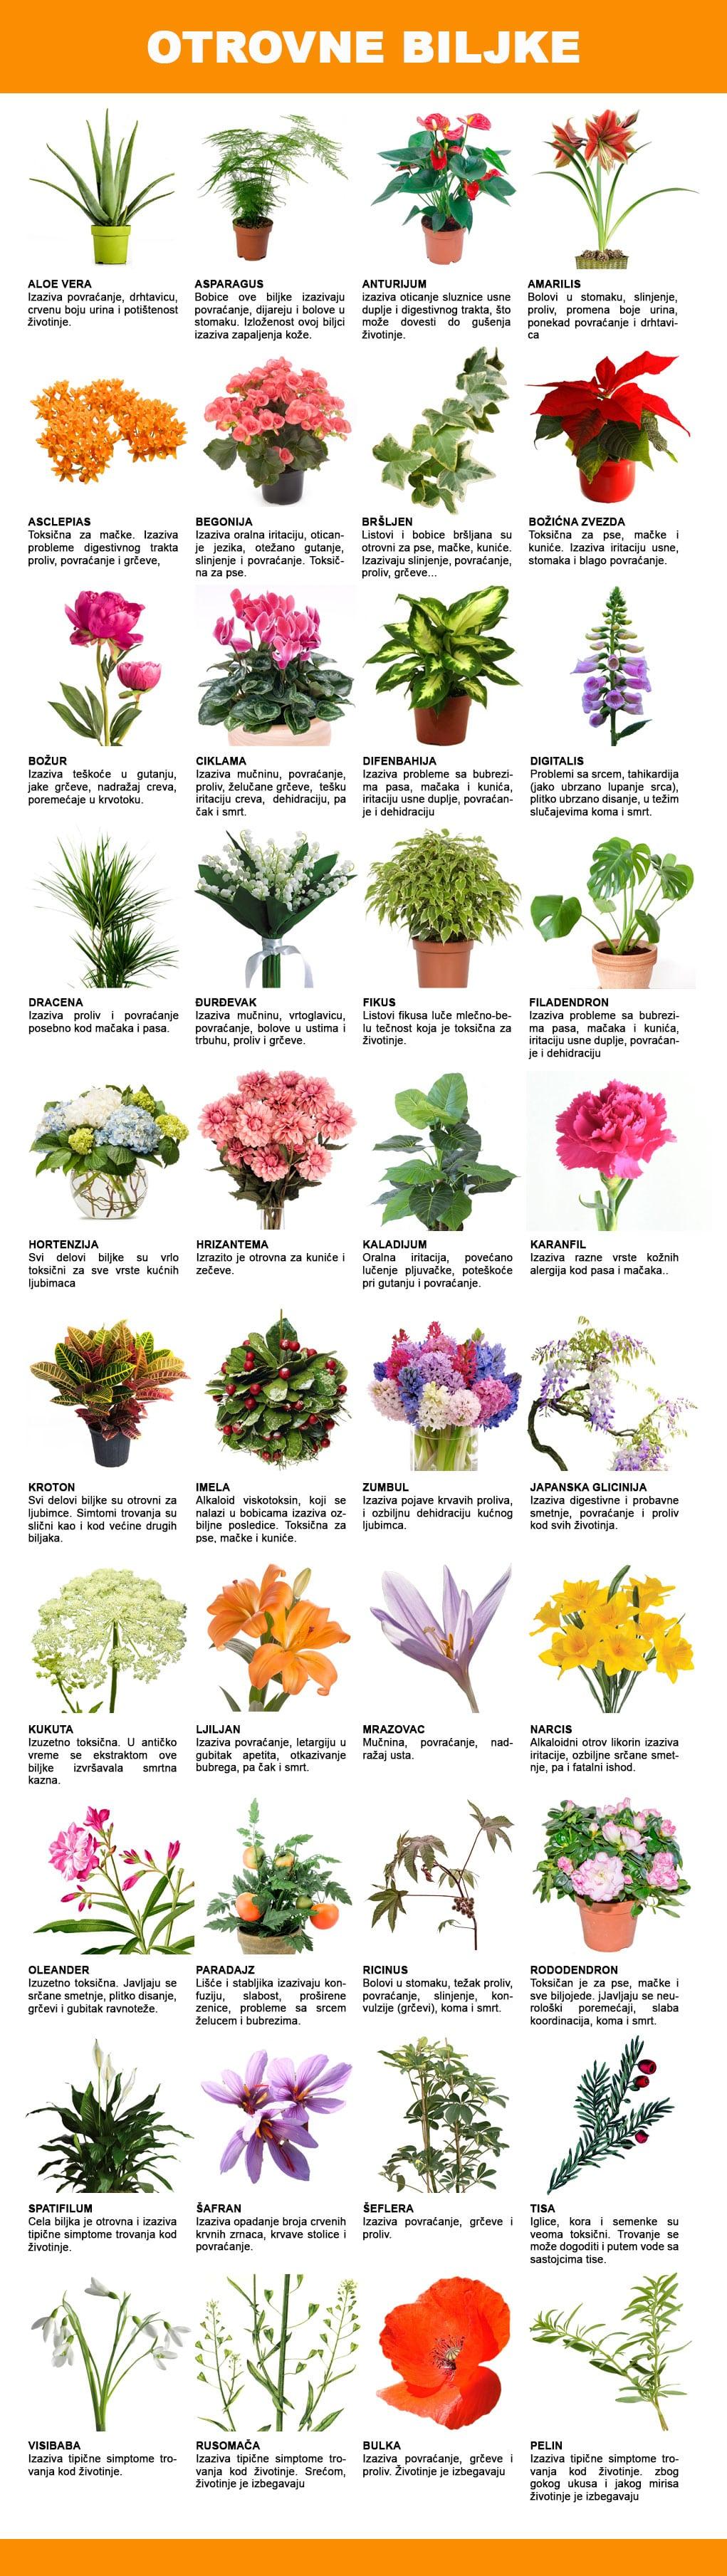 otrovne biljke petface